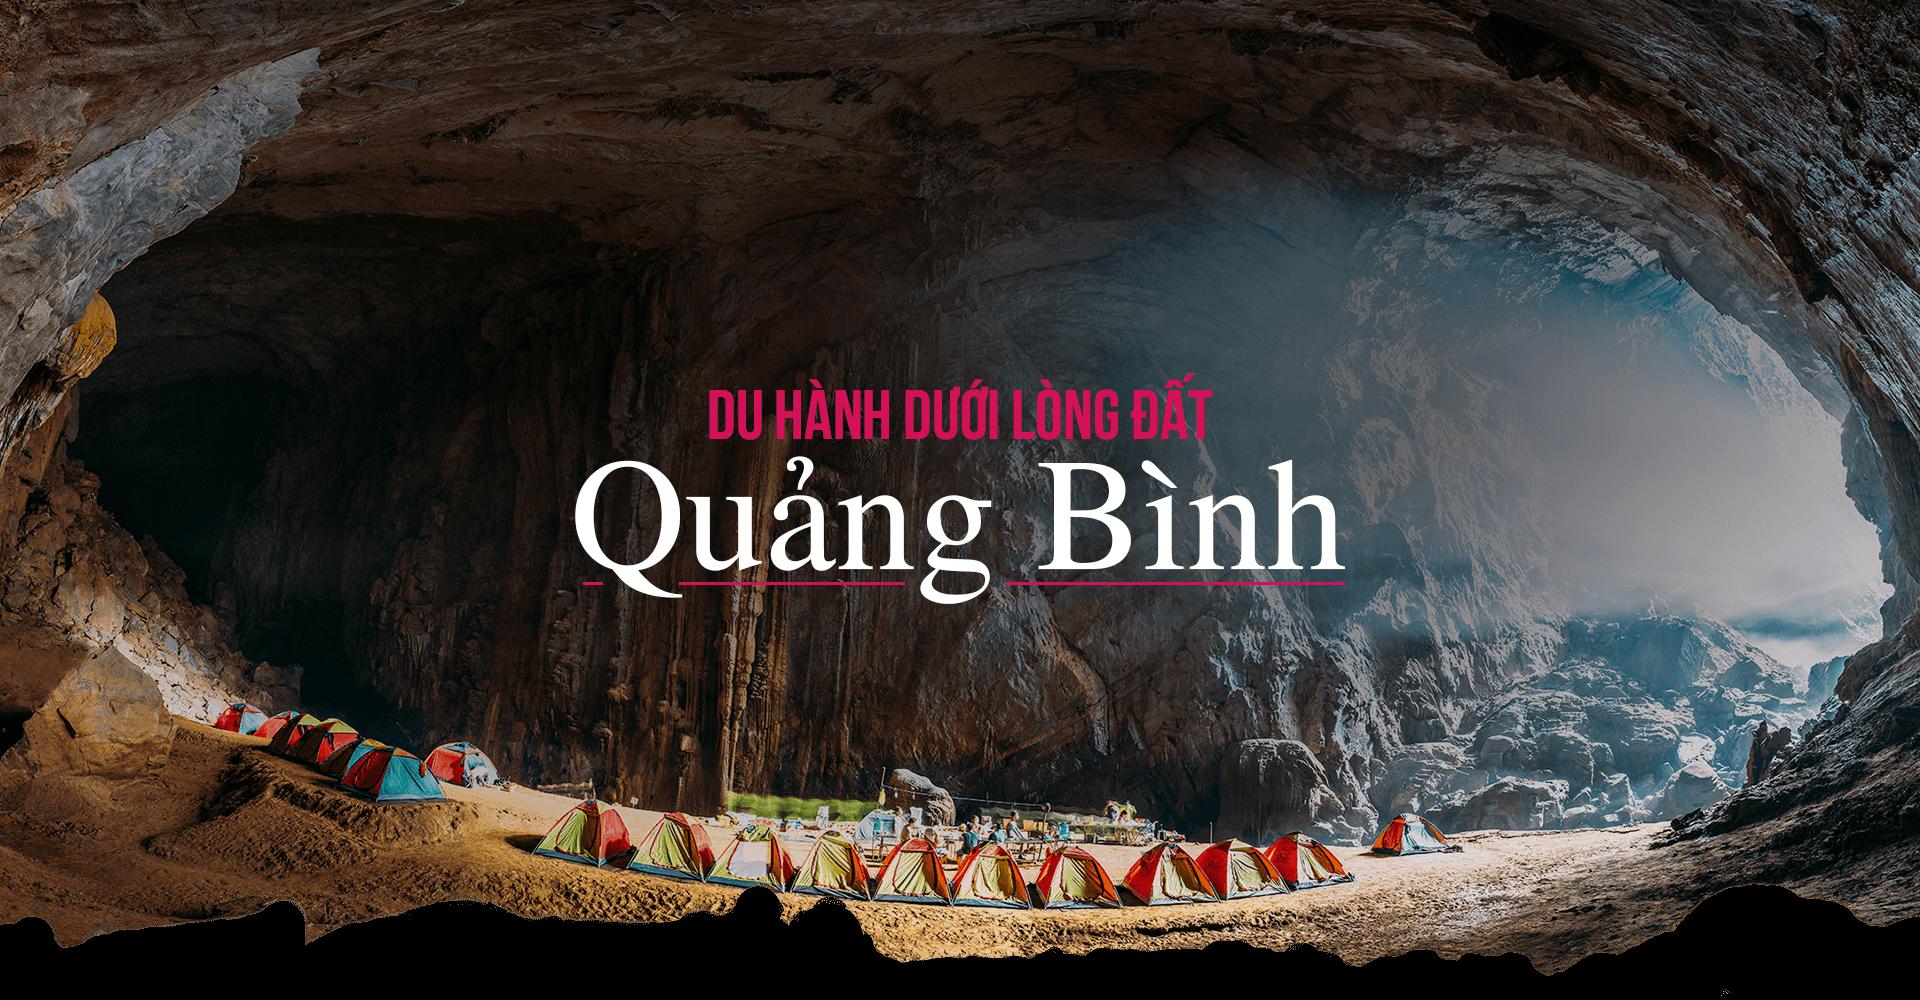 Du hành dưới lòng đất Quảng Bình